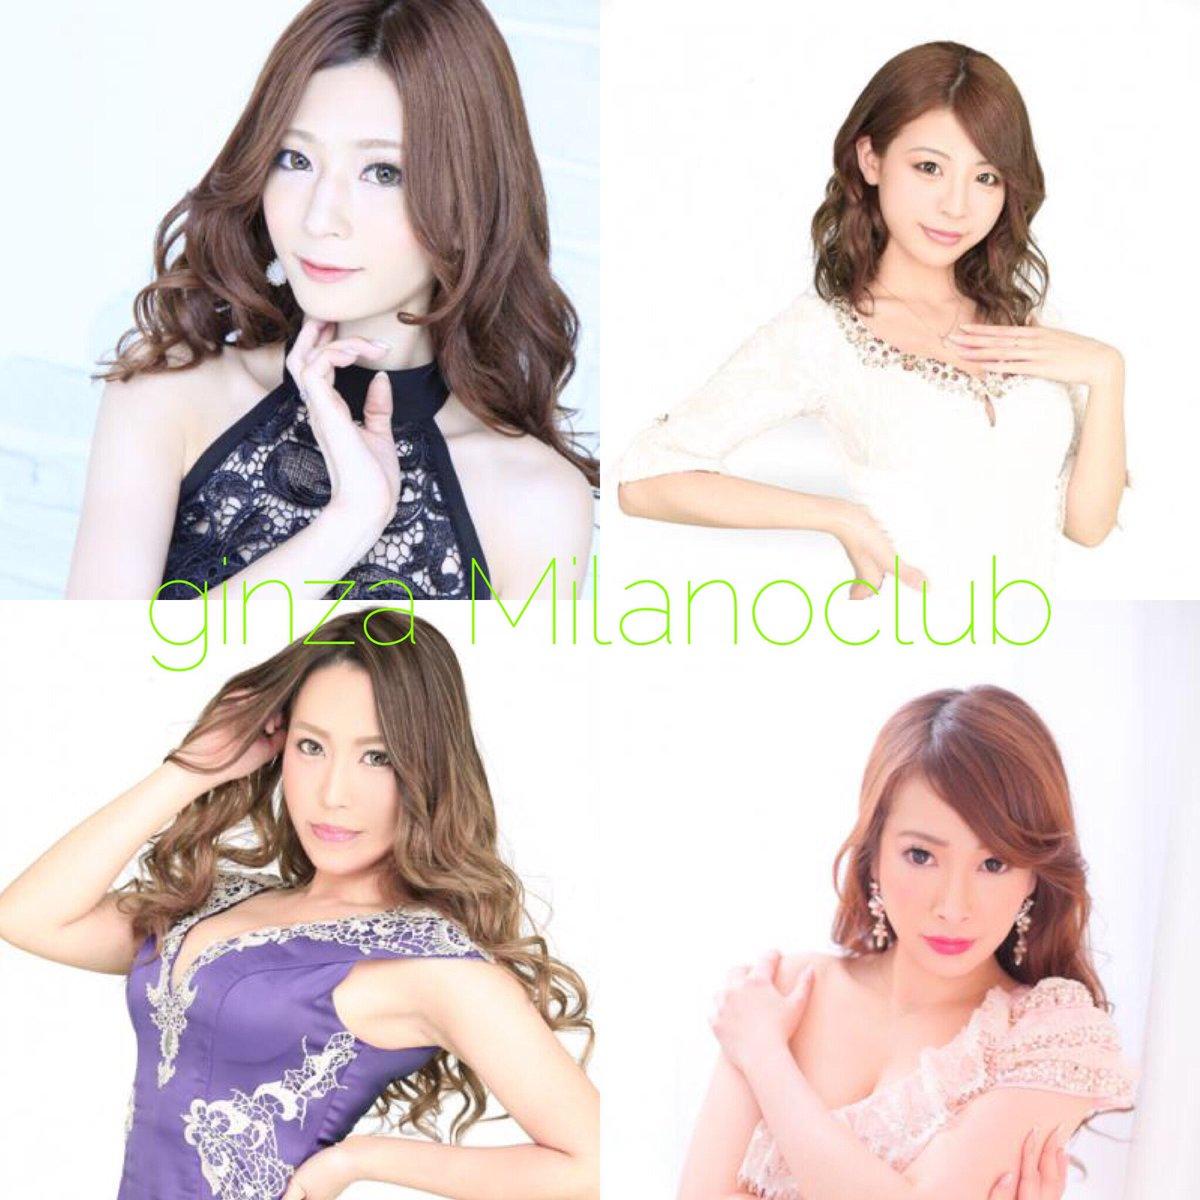 銀座 ミラノ クラブ